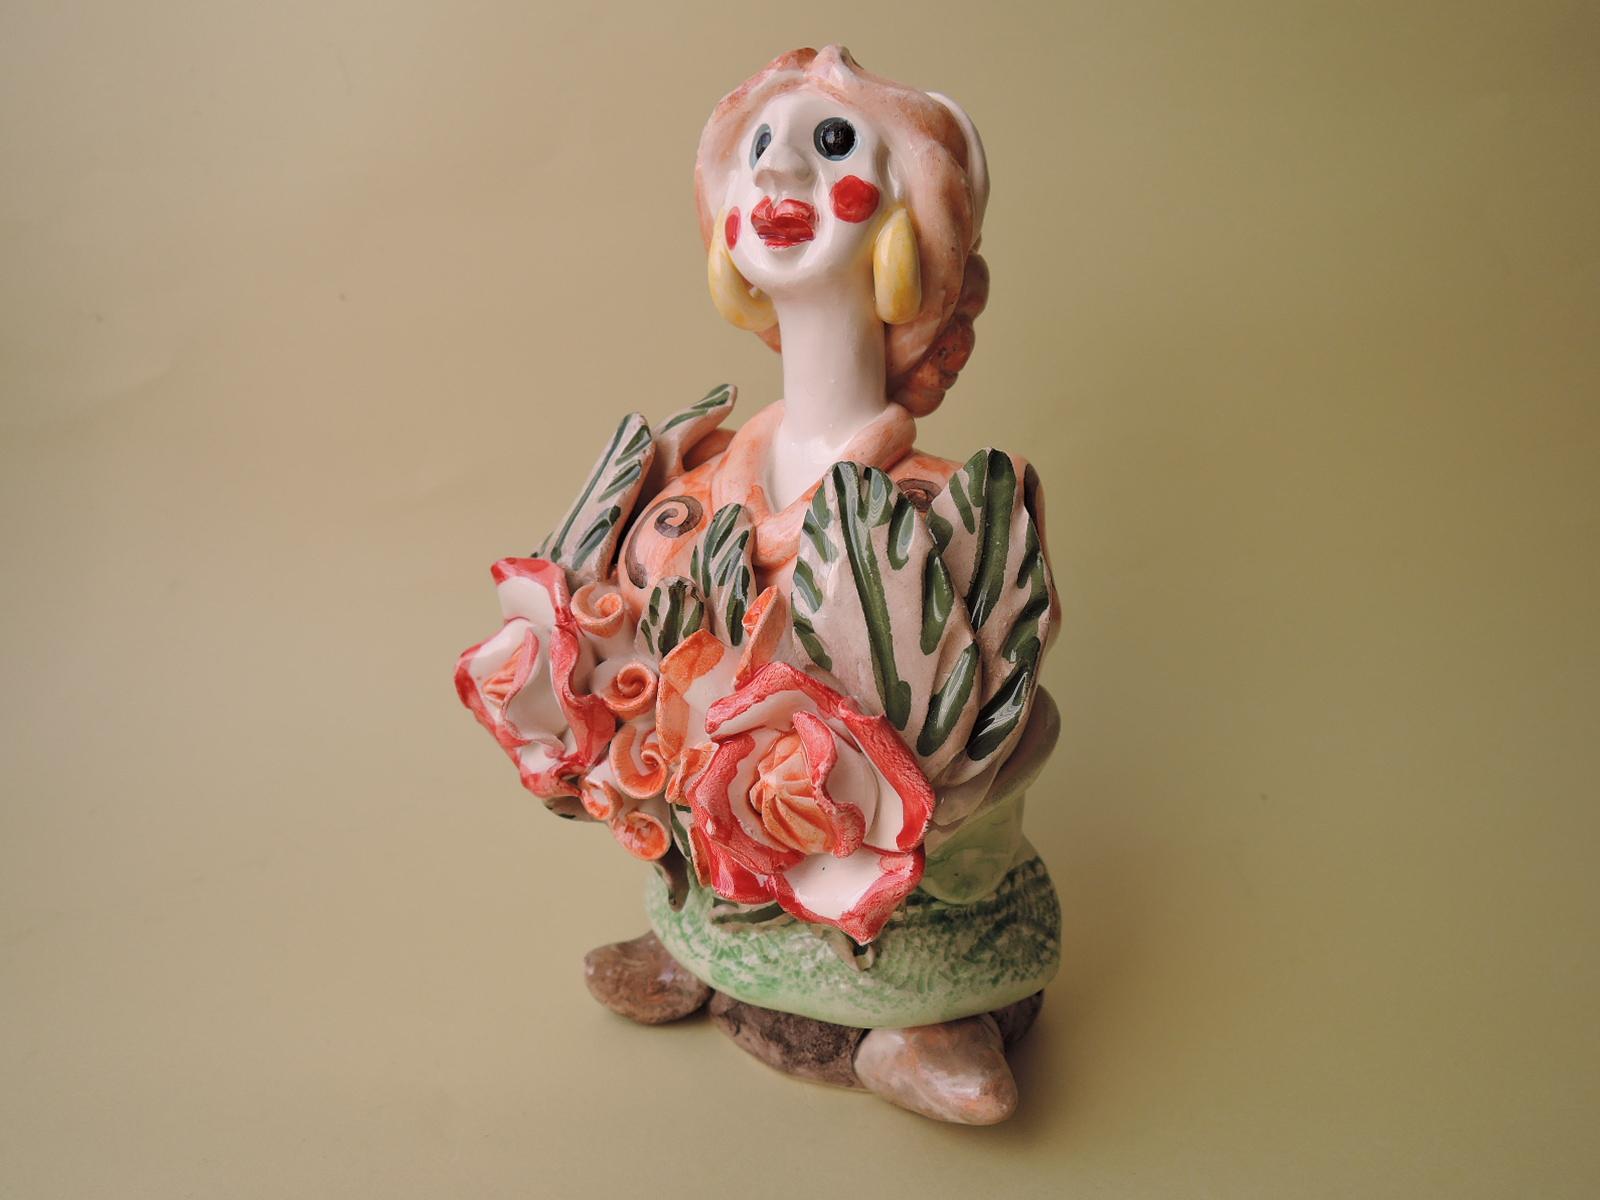 ポルトガルの陶芸家CoceicaoSapateiroさんのFigurado夏の娘